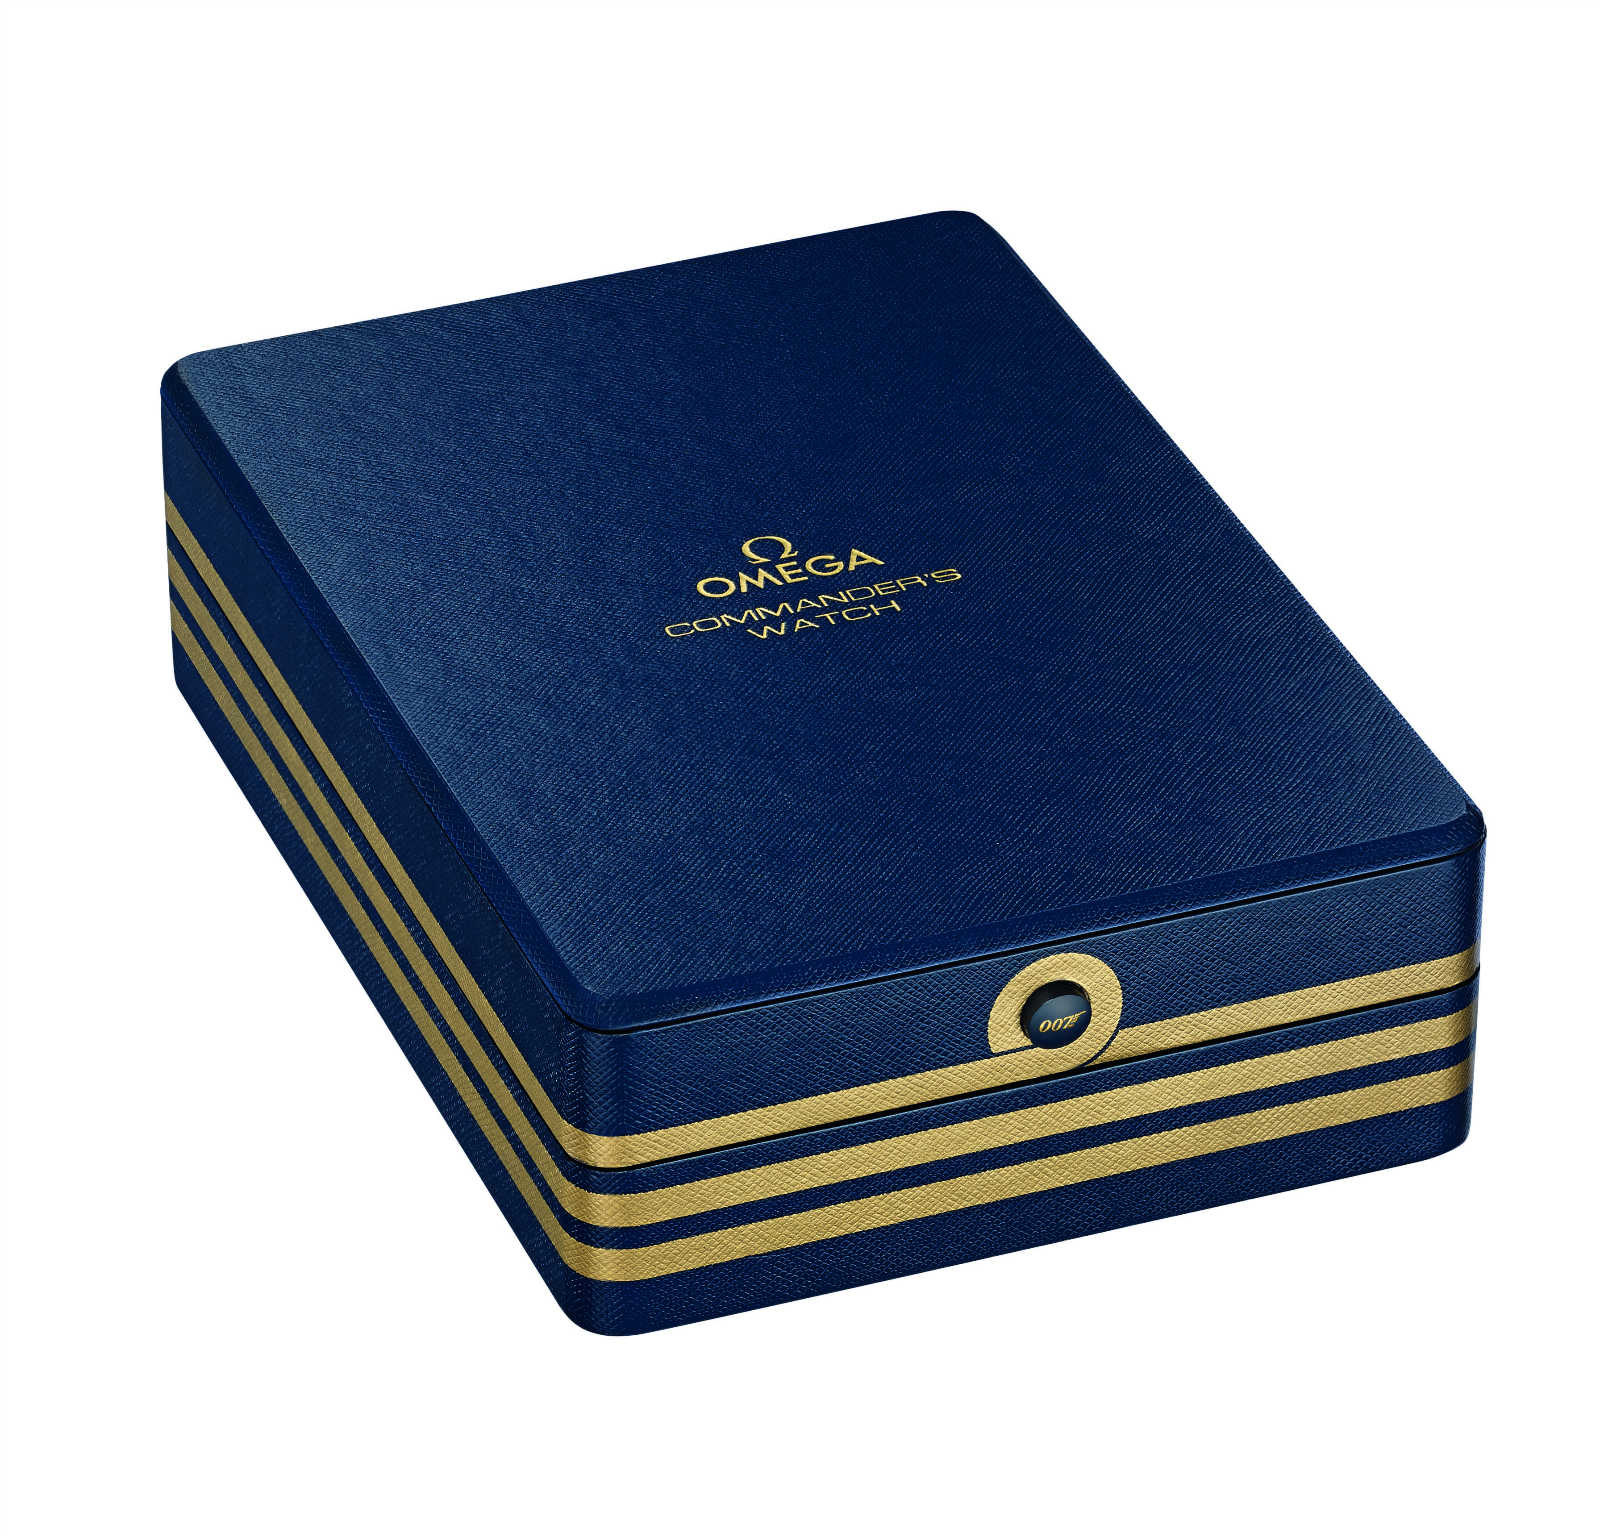 """这些精美绝伦的表盒设计 让人忍不住""""买椟还珠"""""""